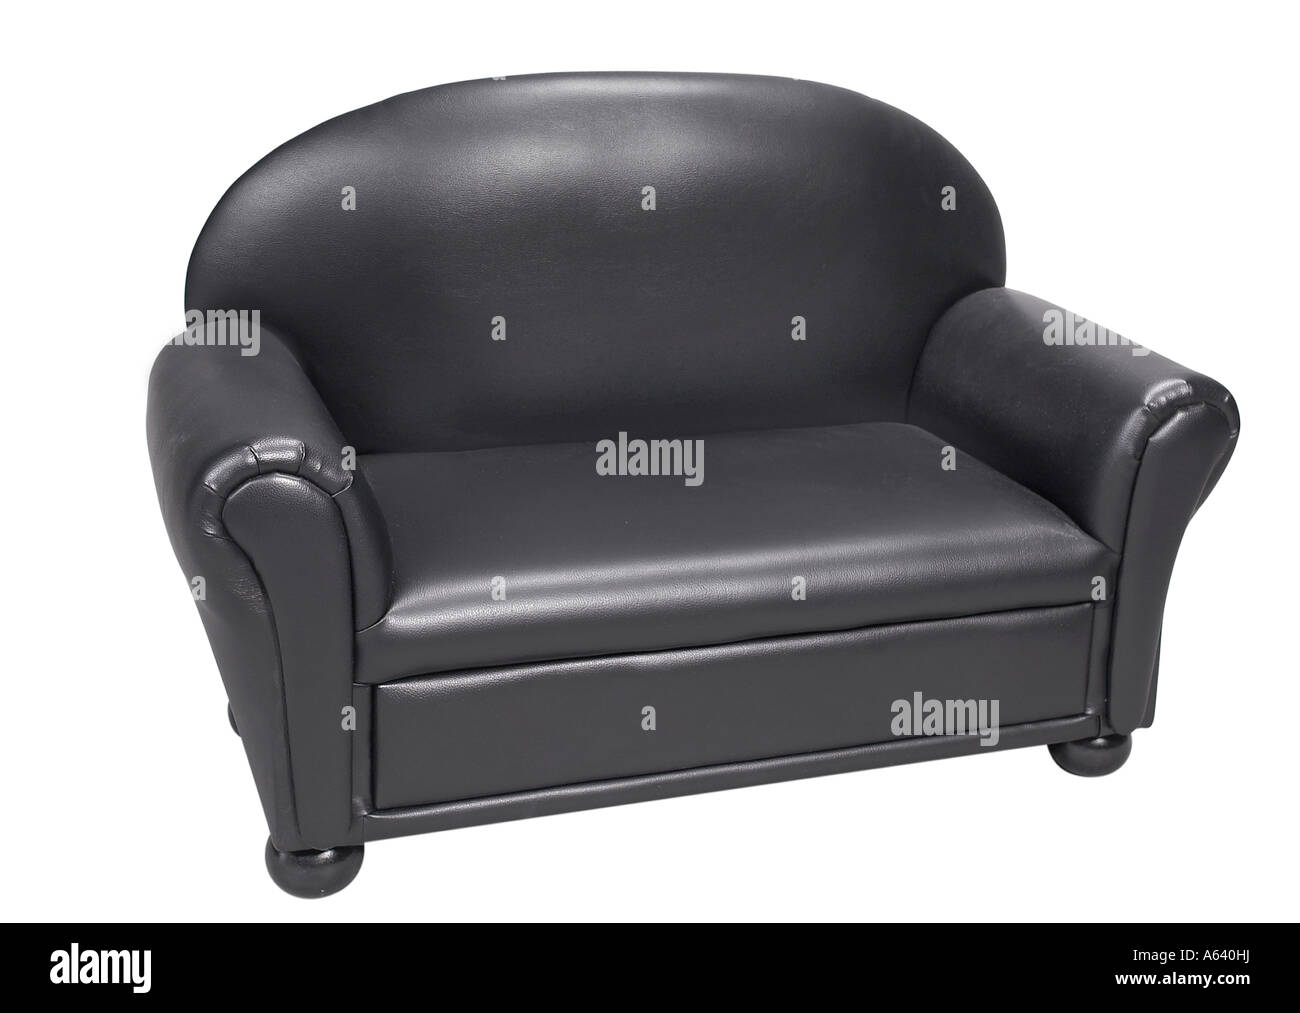 Cool Zweiersofa Sammlung Von Schwarzes Leder Sofa Couch Stuhl Weißen Hintergrund